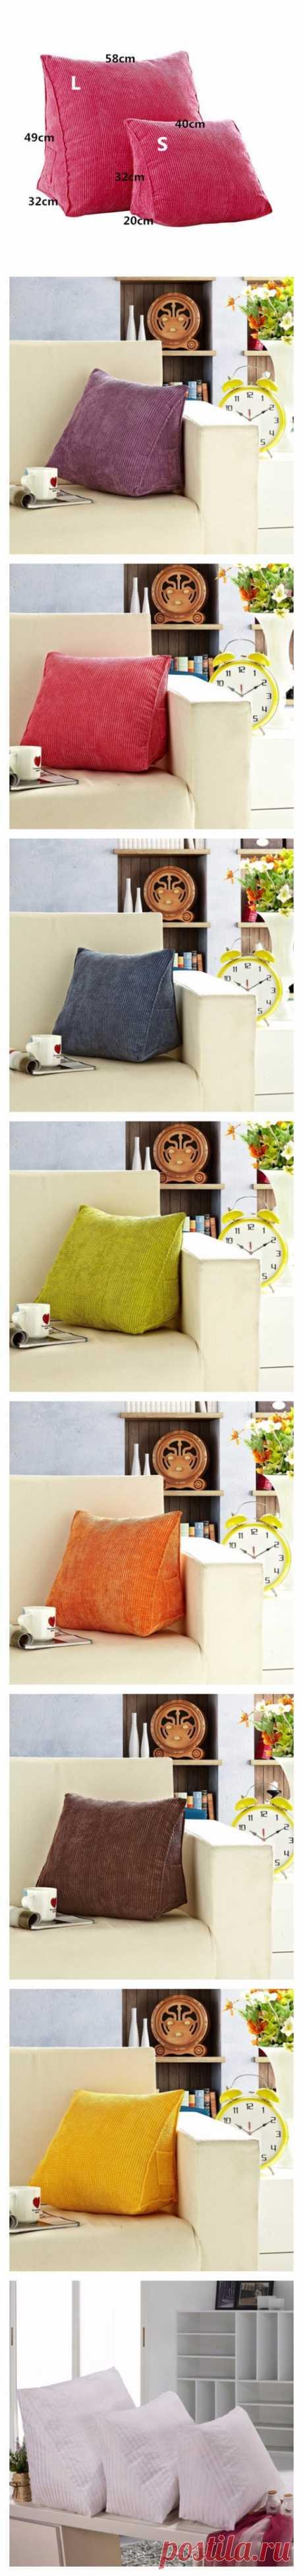 Треугольные спинки Подушка для дивана.Подушка Поясничные бандажи S L Размеры 7 цветов доступны купить на AliExpress.